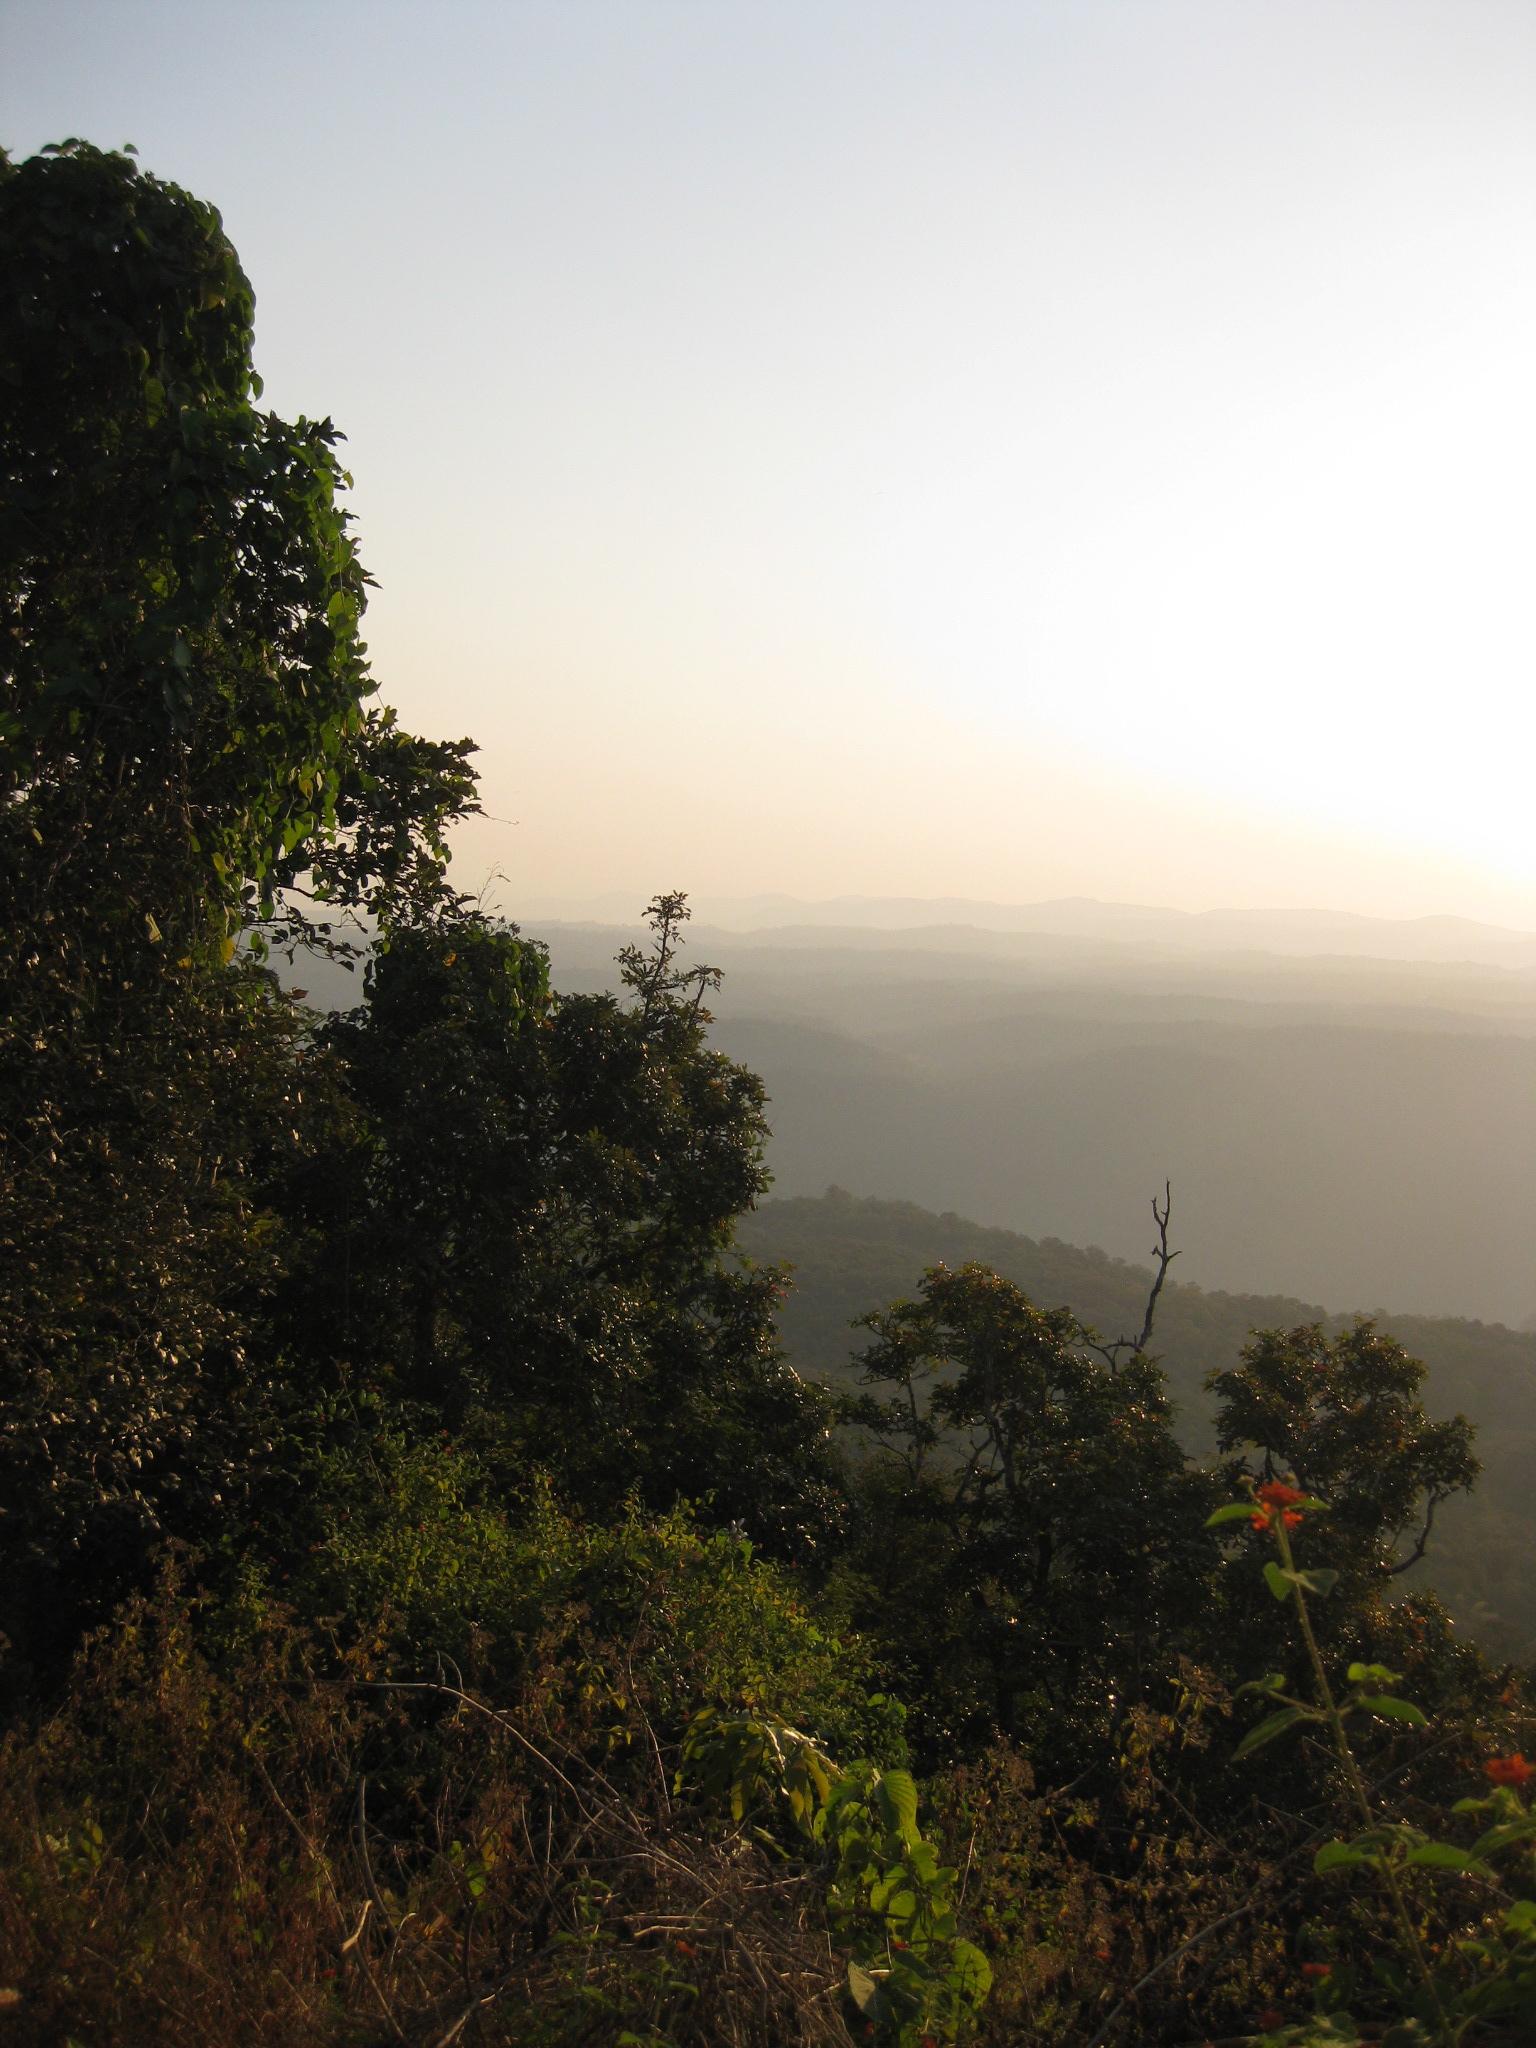 Nrupatunga Hill